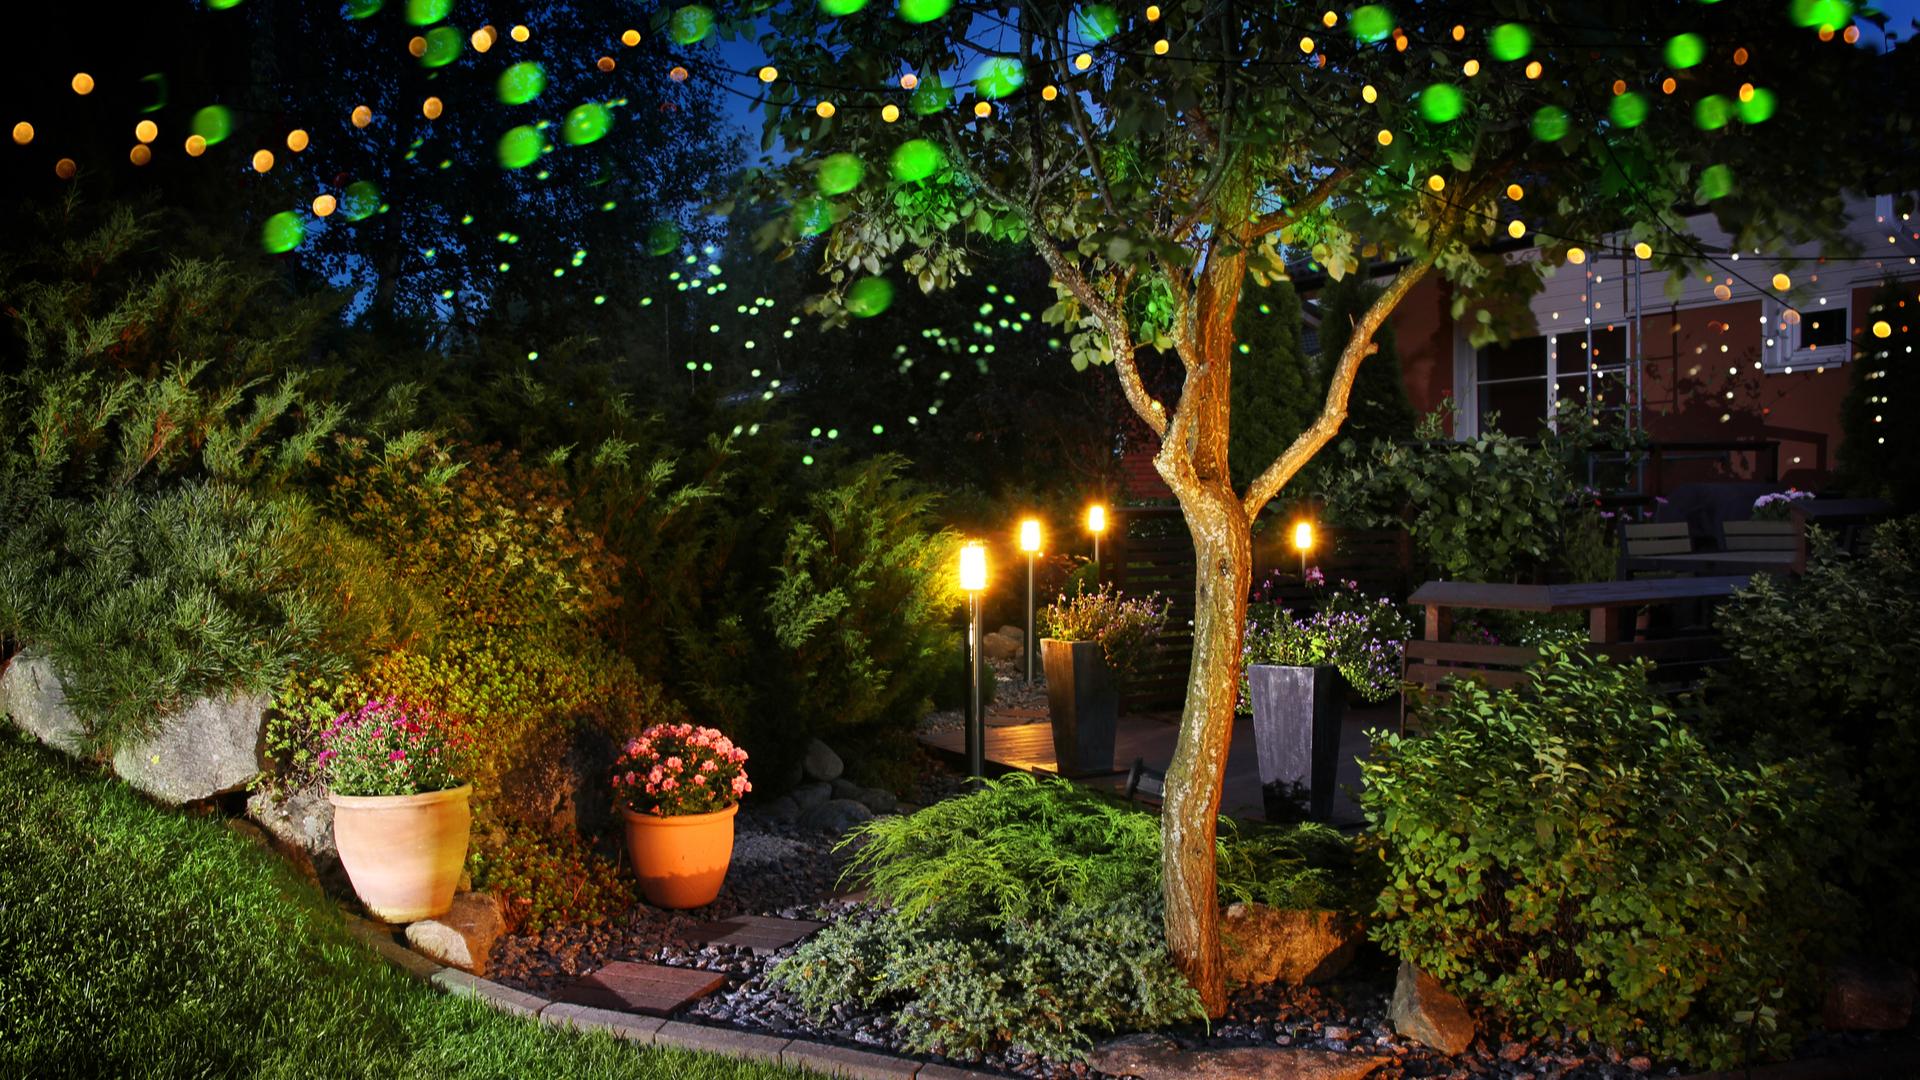 Idées De Décos Pour Le Jardin En Été intérieur Objets Decoration Jardin Exterieur